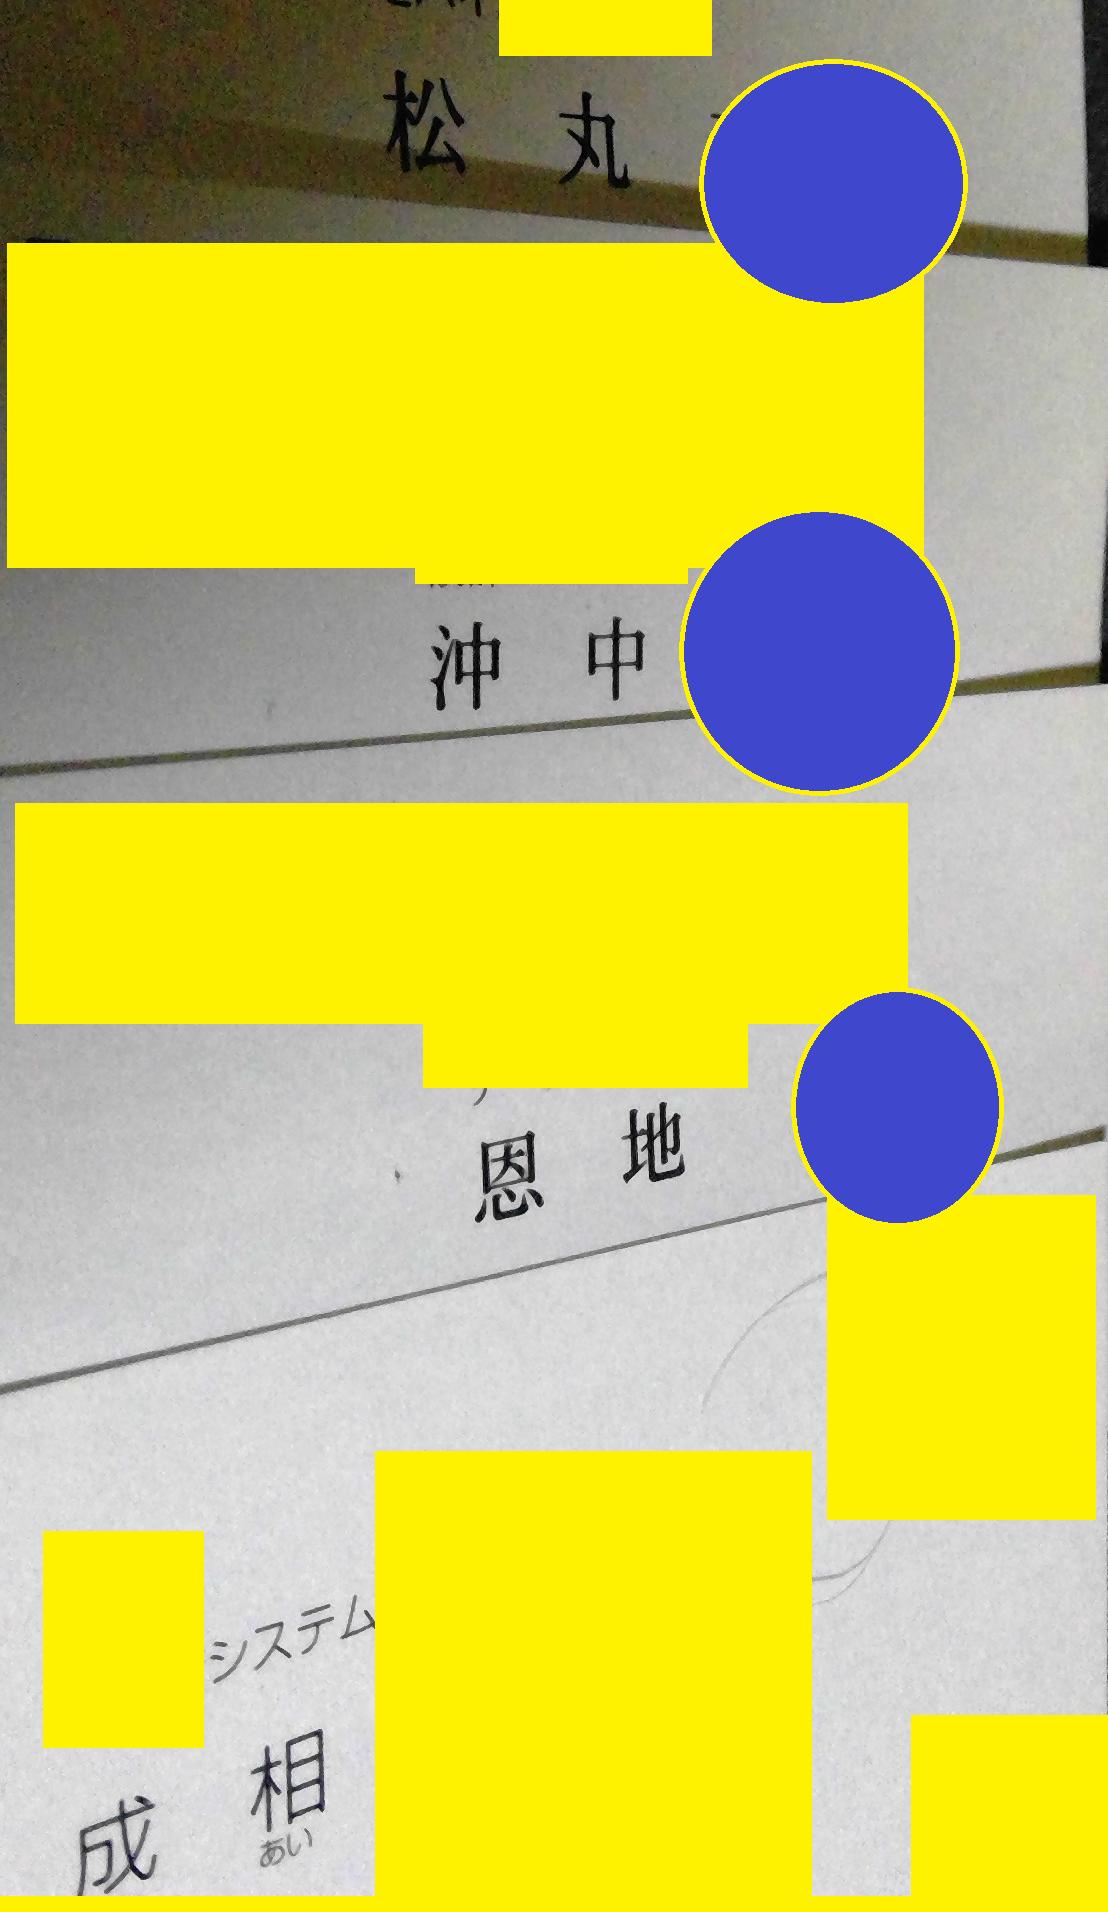 f:id:sadakiyo:20200111090225p:plain